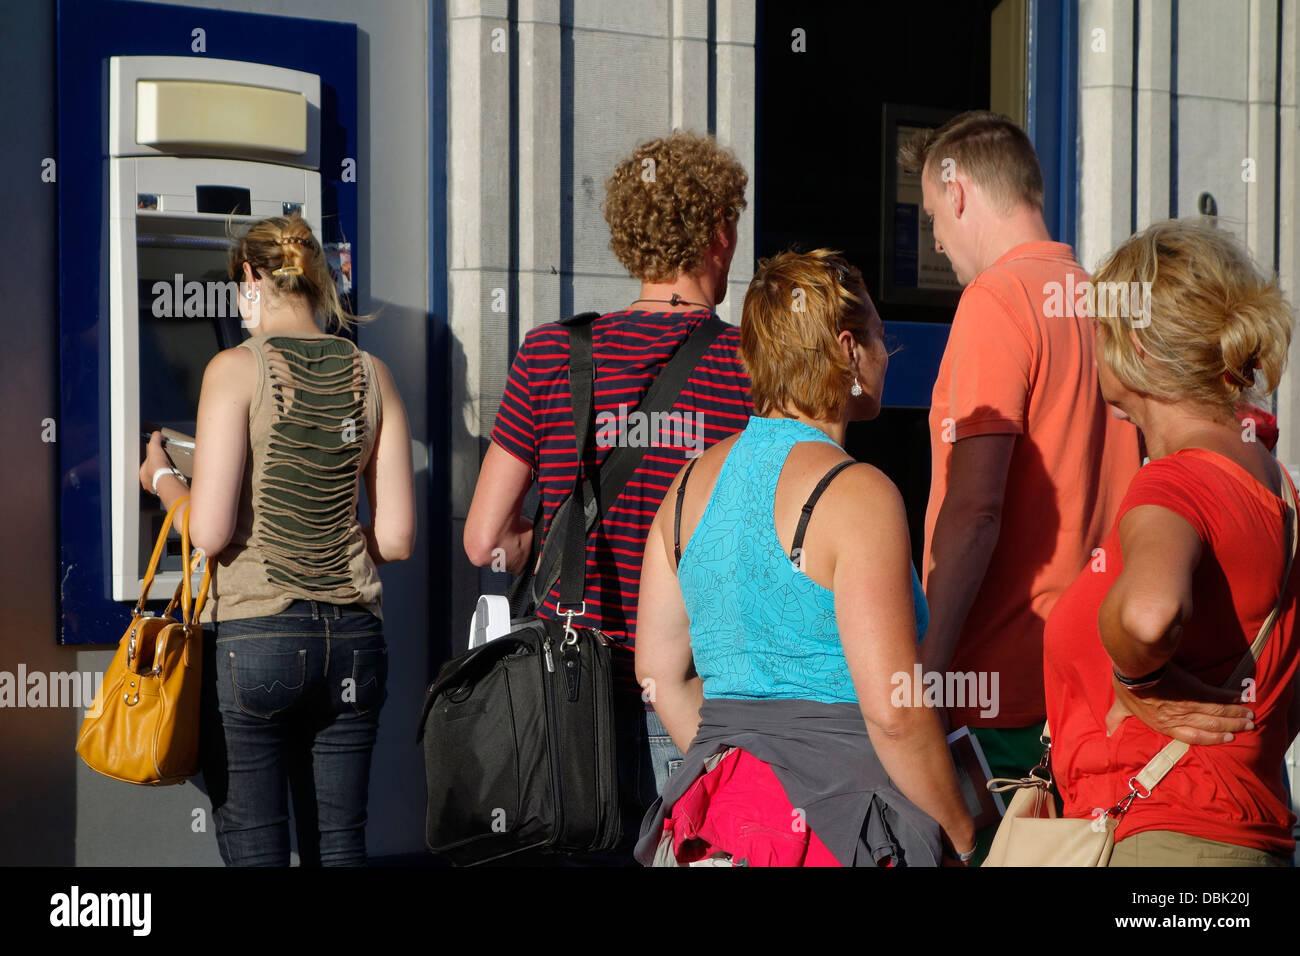 Les clients en attente dans la file d'attente pour recueillir de l'argent au distributeur Le distributeur Photo Stock